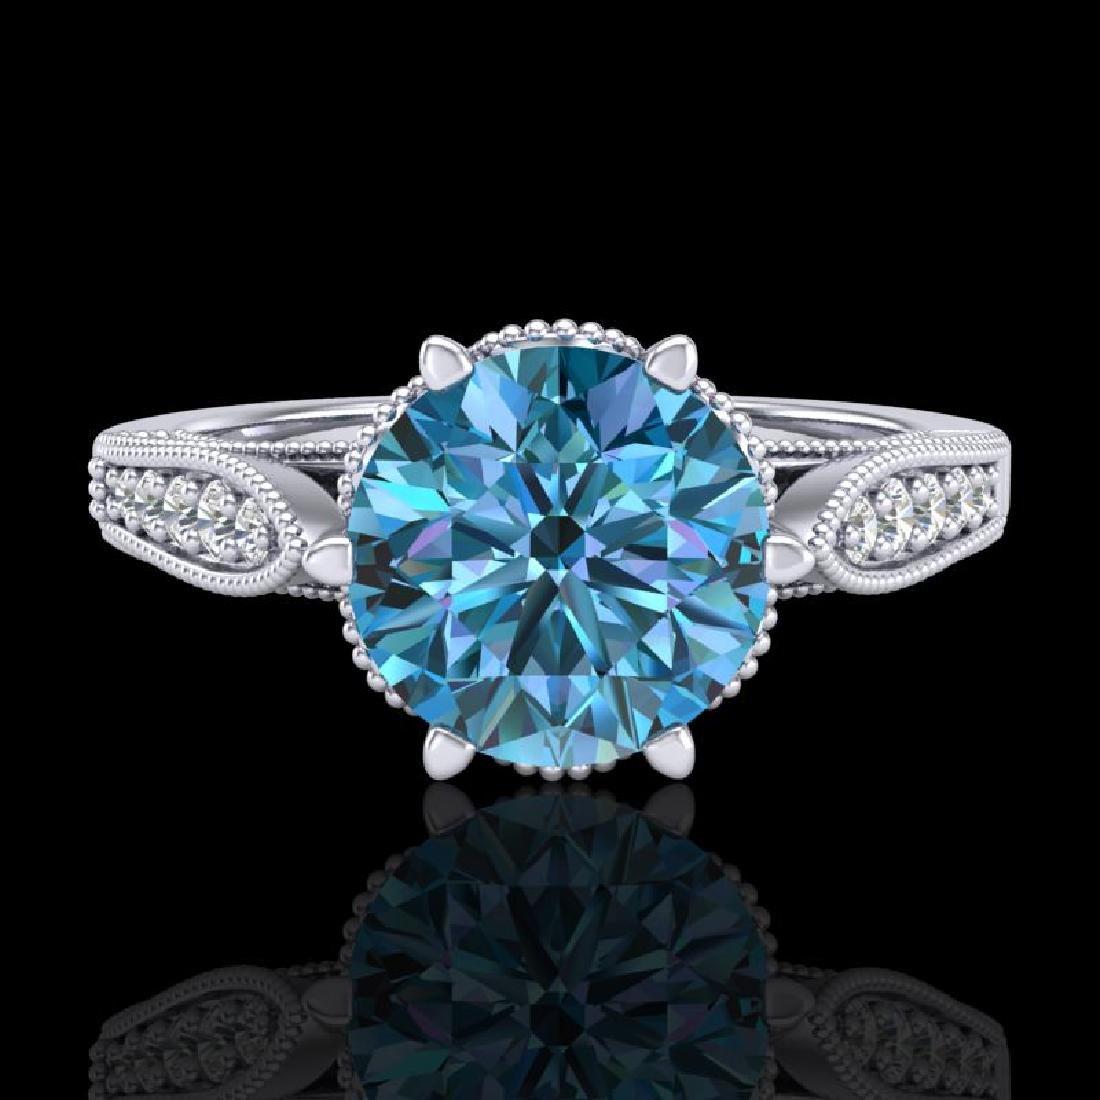 2.2 CTW Intense Blue Diamond Solitaire Engagement Art - 2